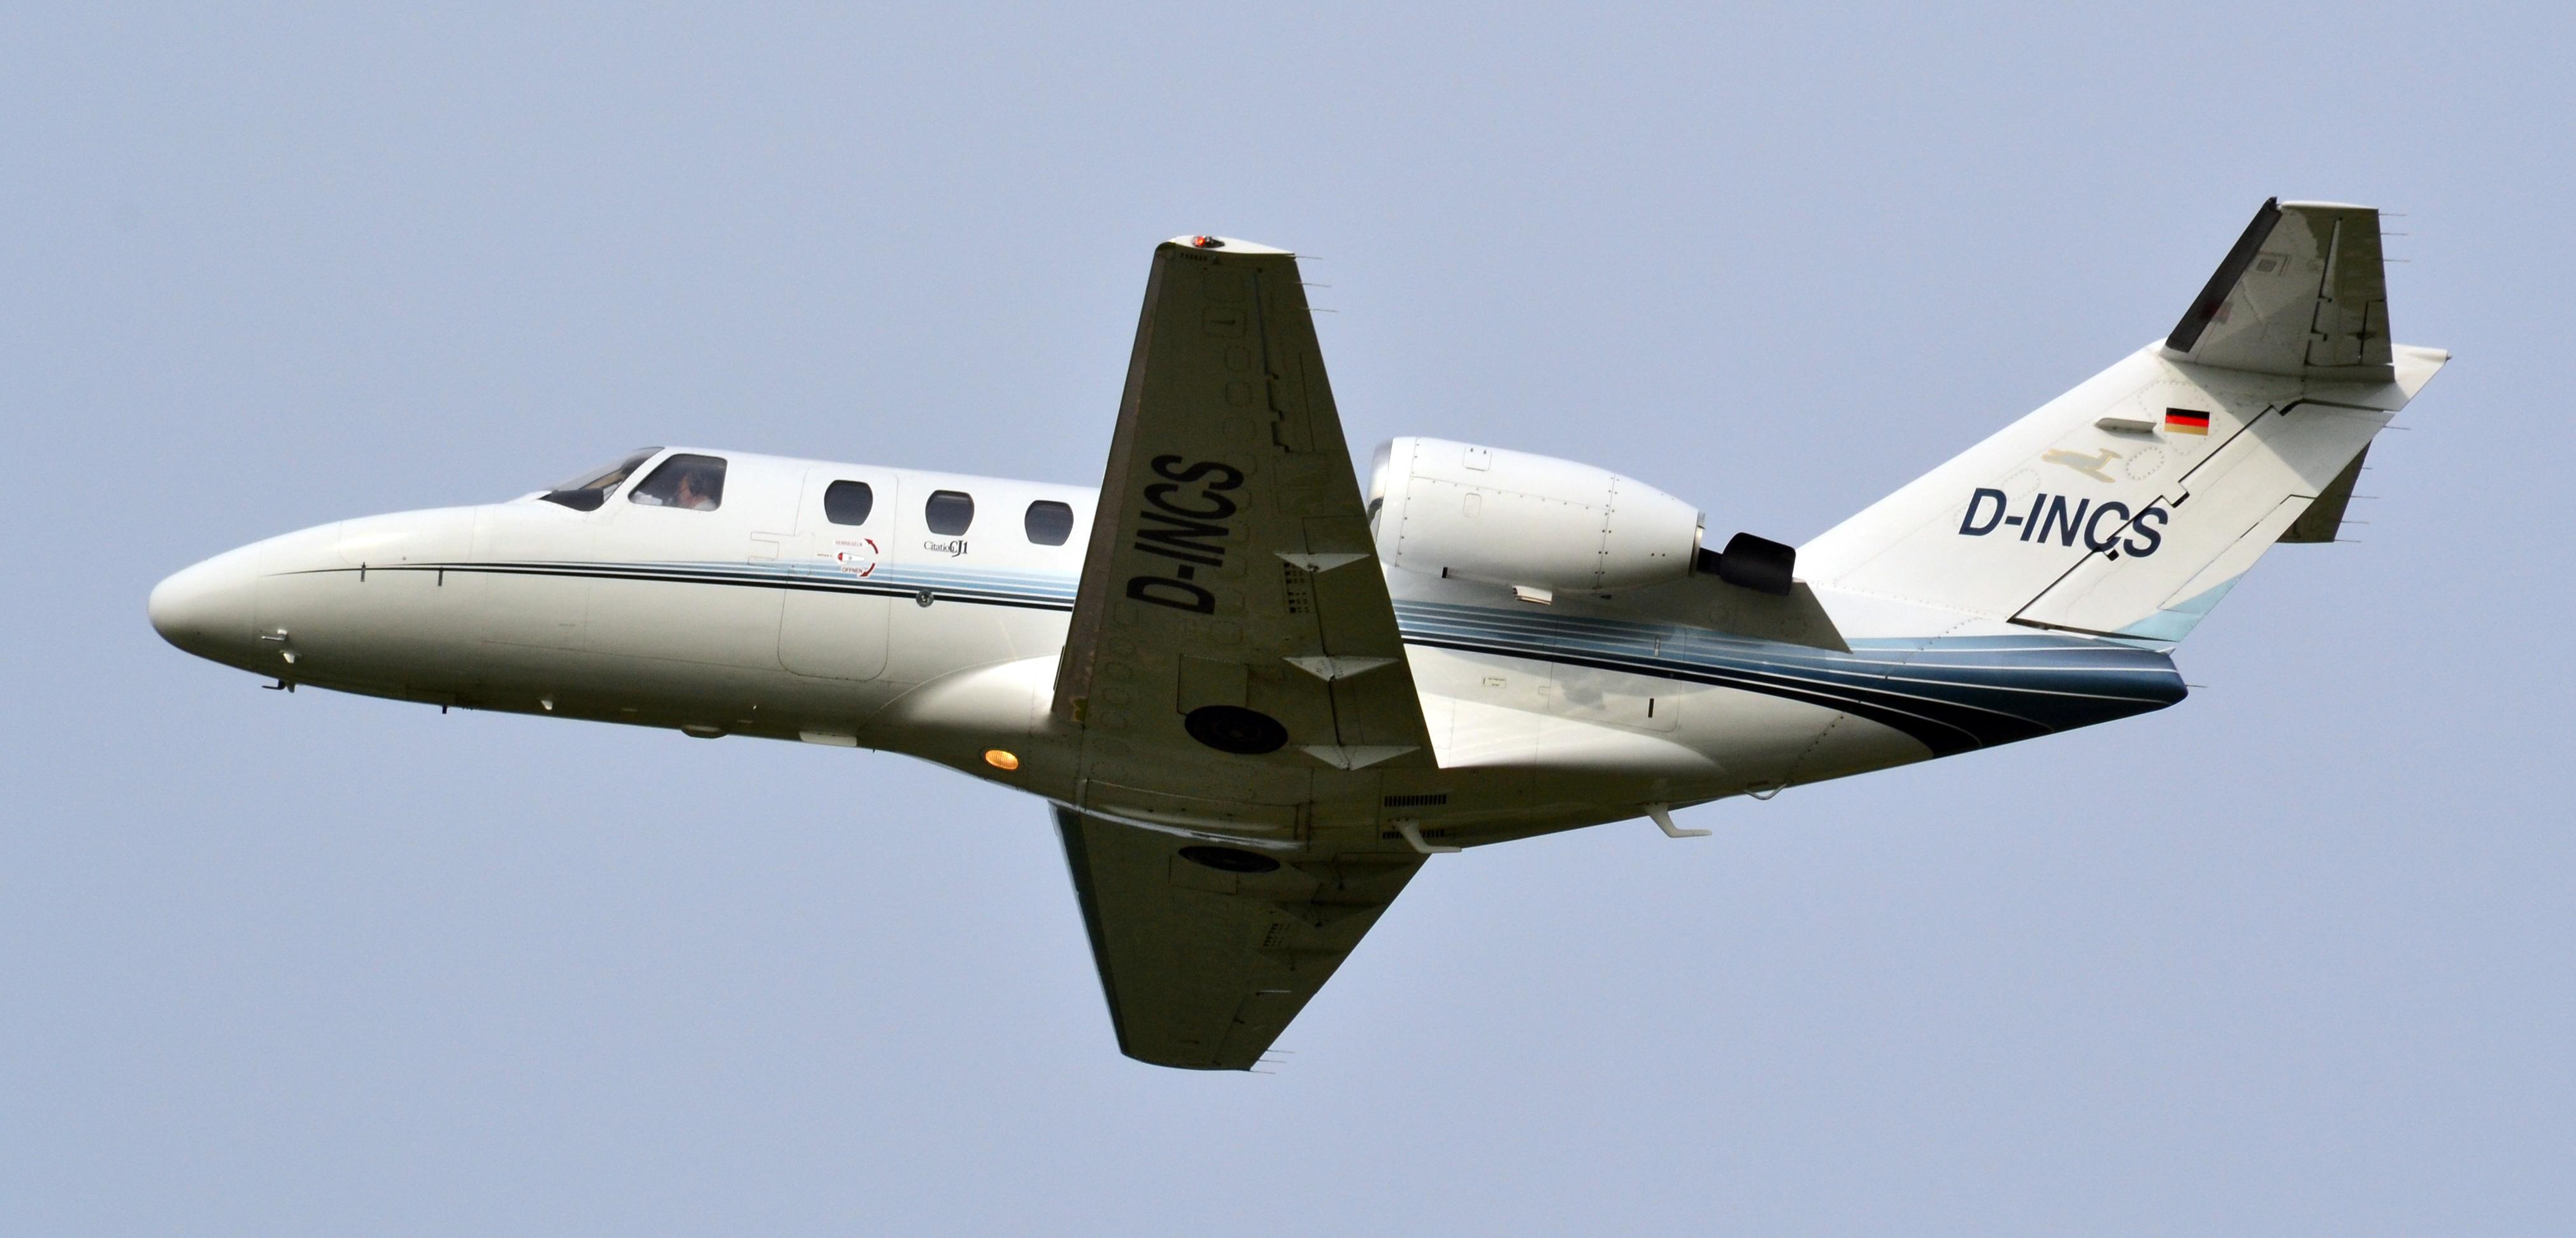 Vliegtuig en maakt uit voorzorgslanding op Eelde airport